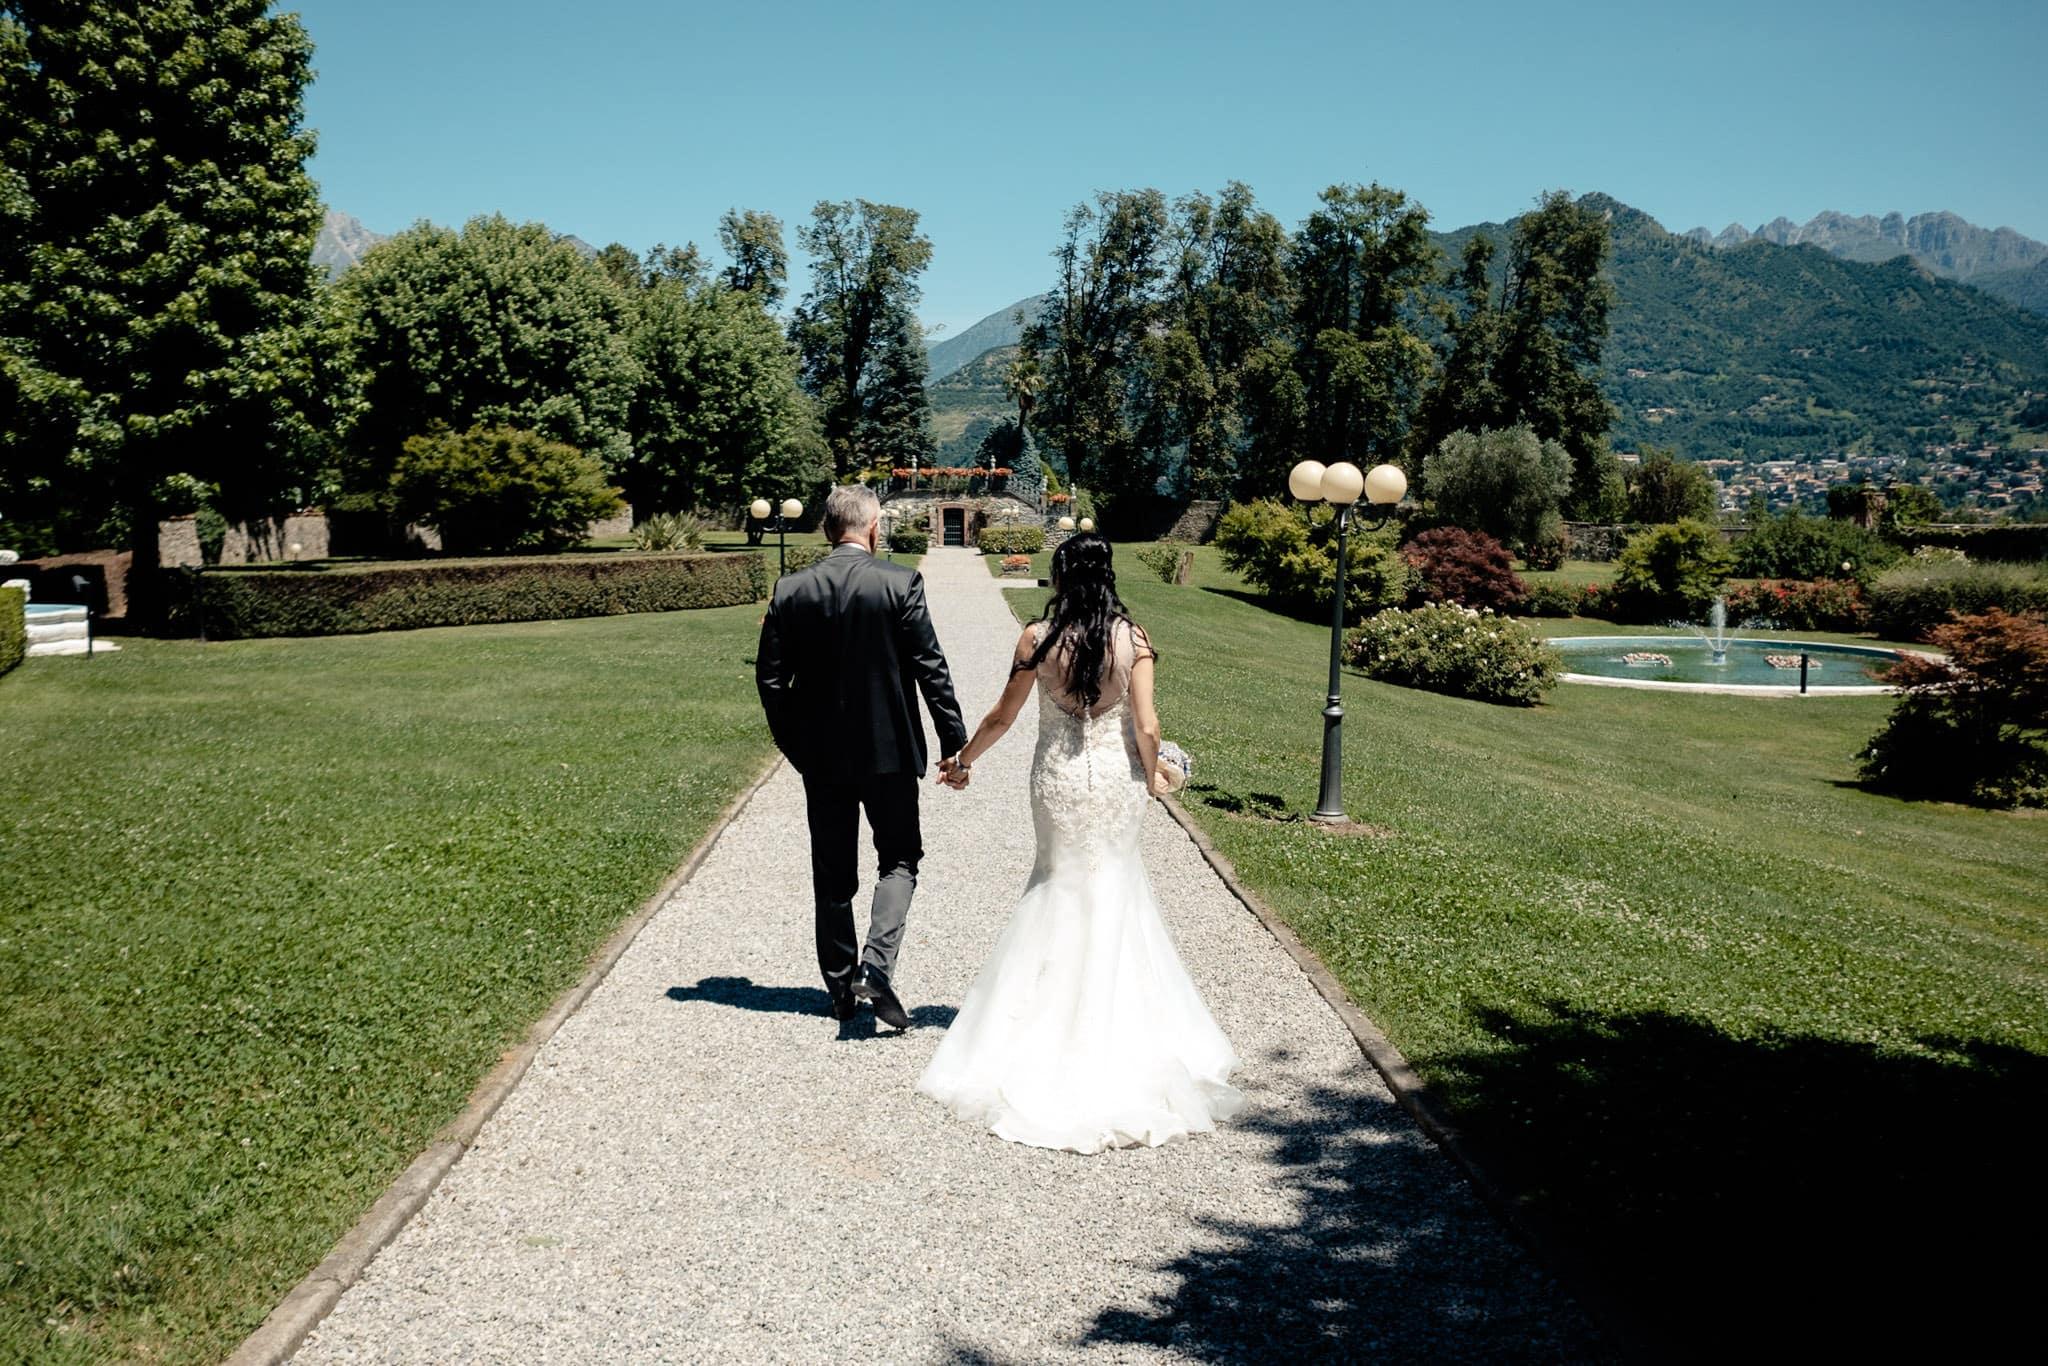 Matrimonio Antico Borgo della Madonnina passeggiata